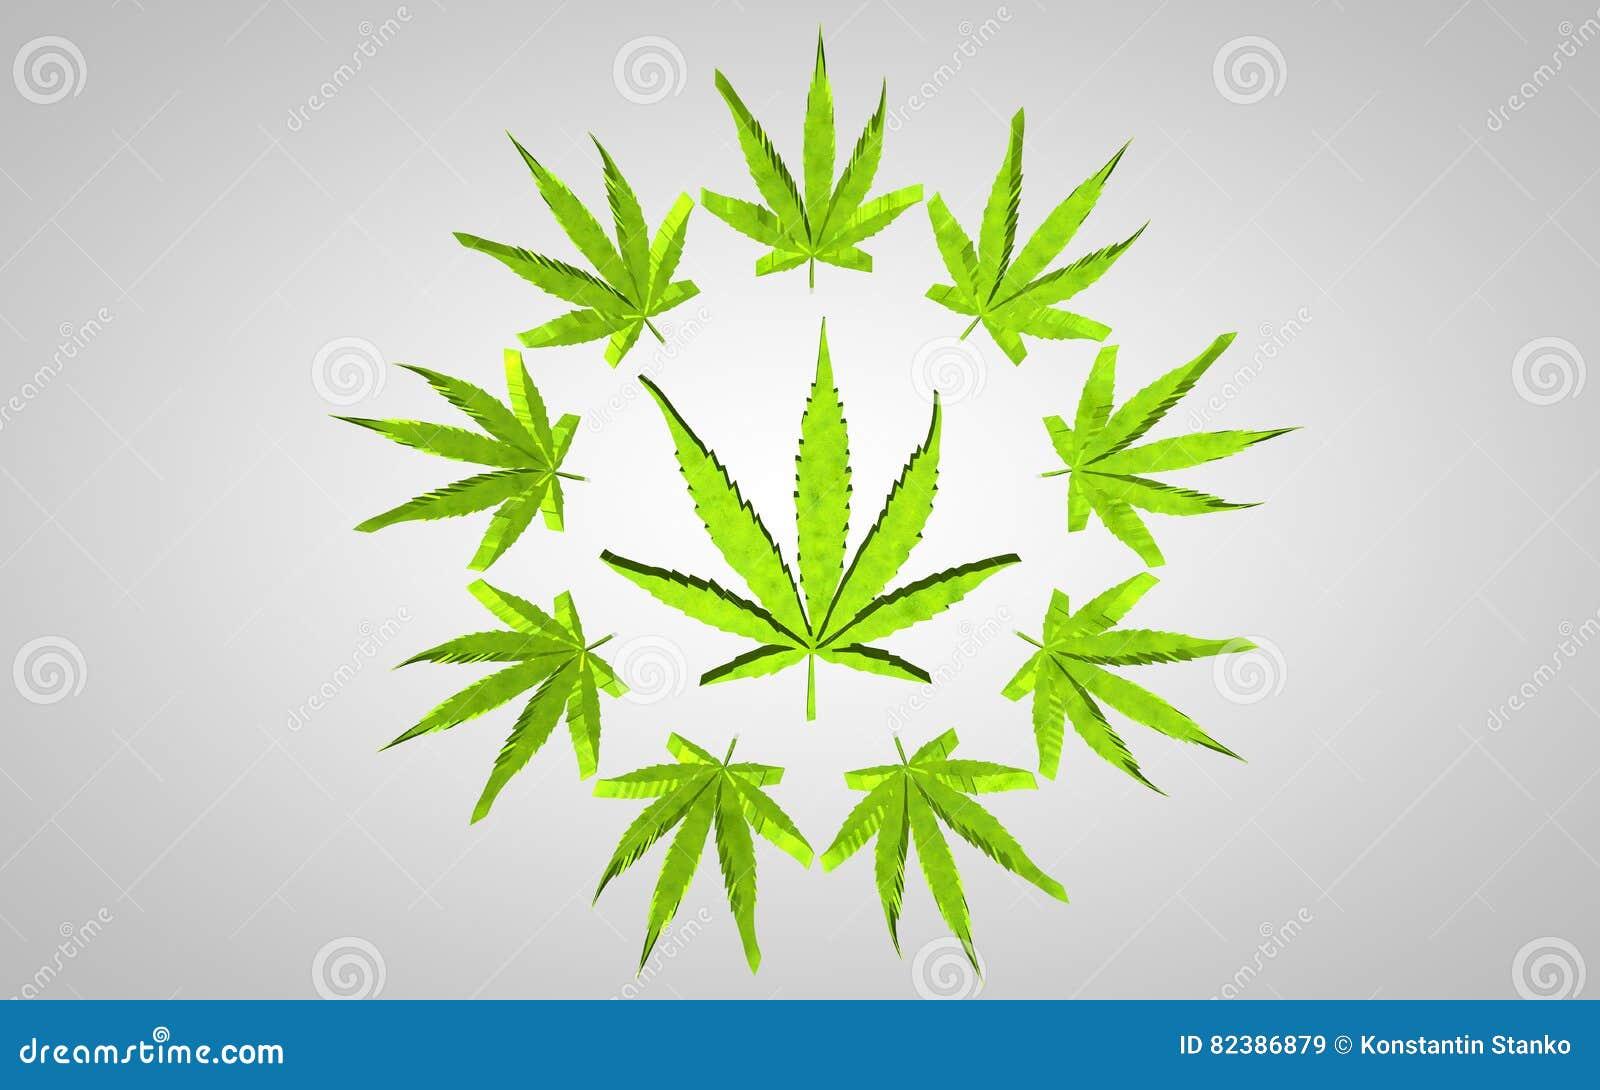 Картинки марихуана в 3d медицинская марихуана сорта